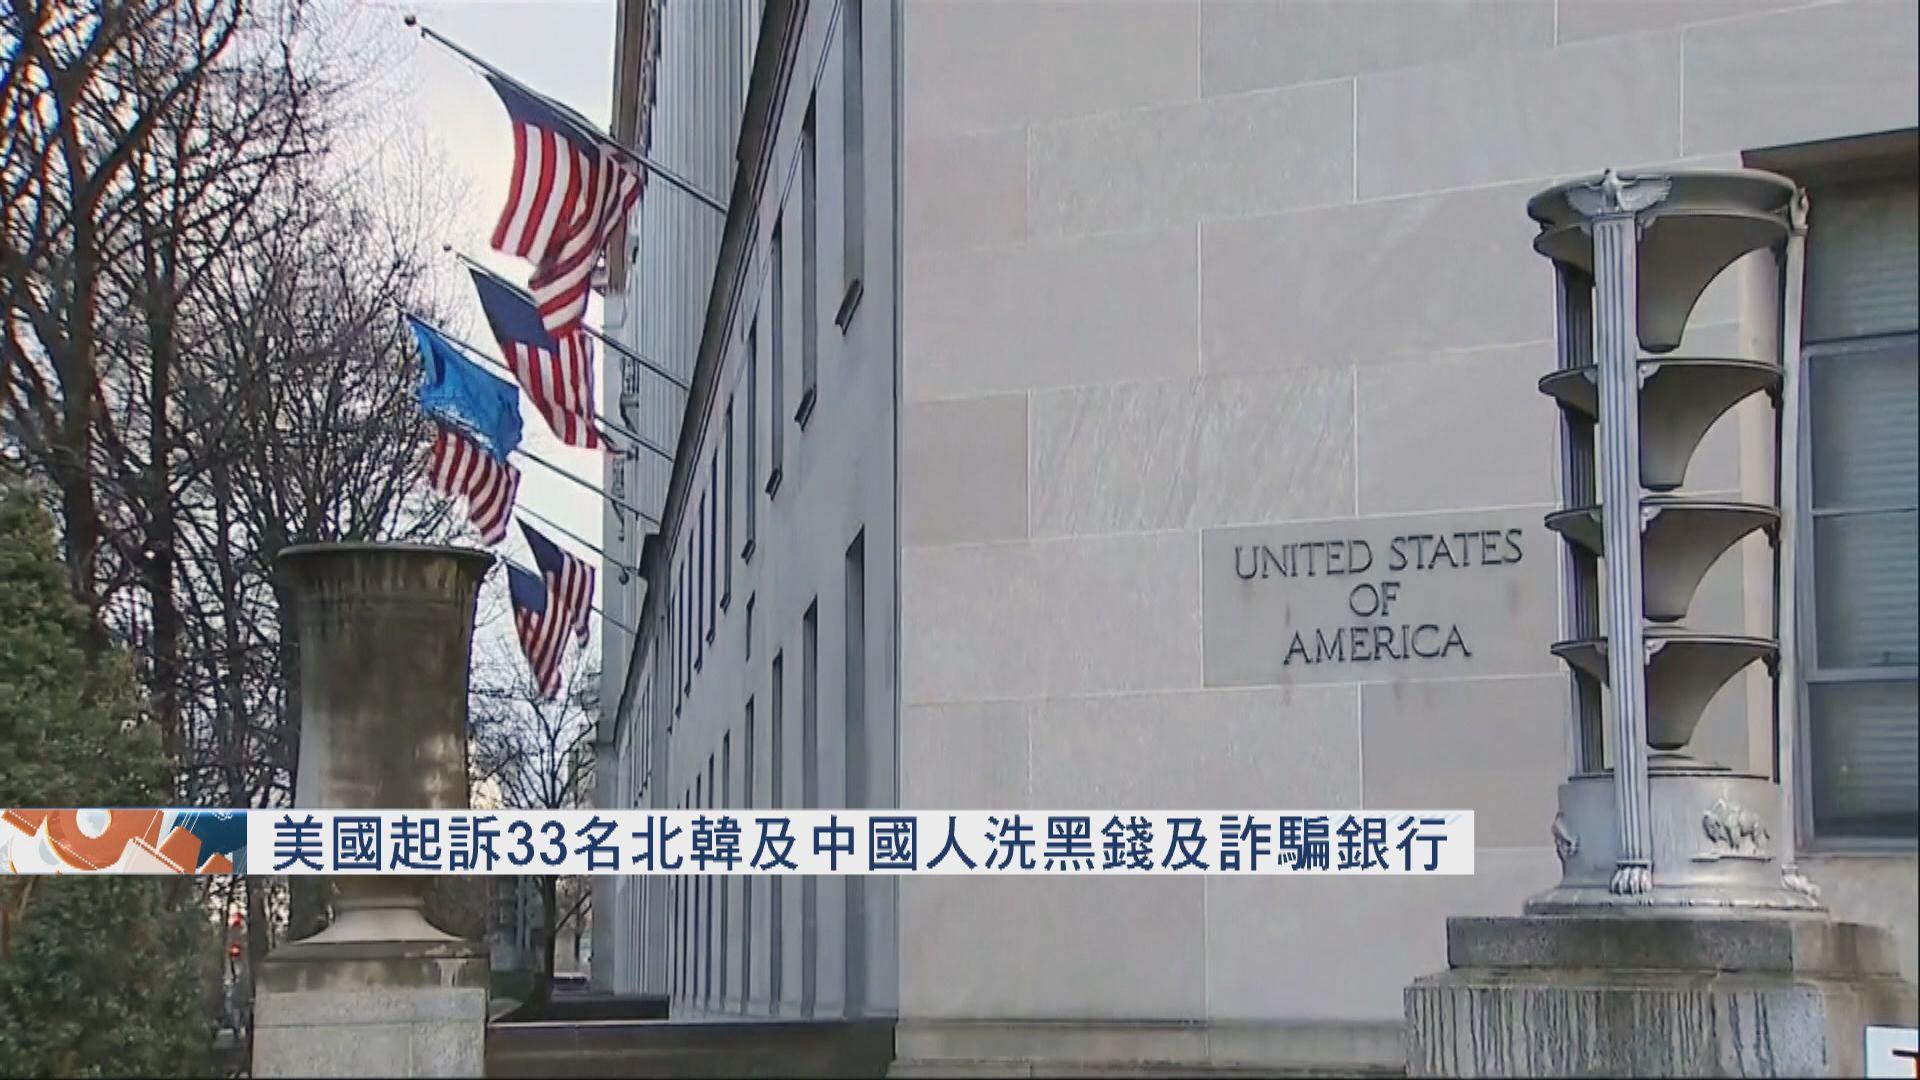 美國起訴33名北韓及中國人洗黑錢及詐騙銀行